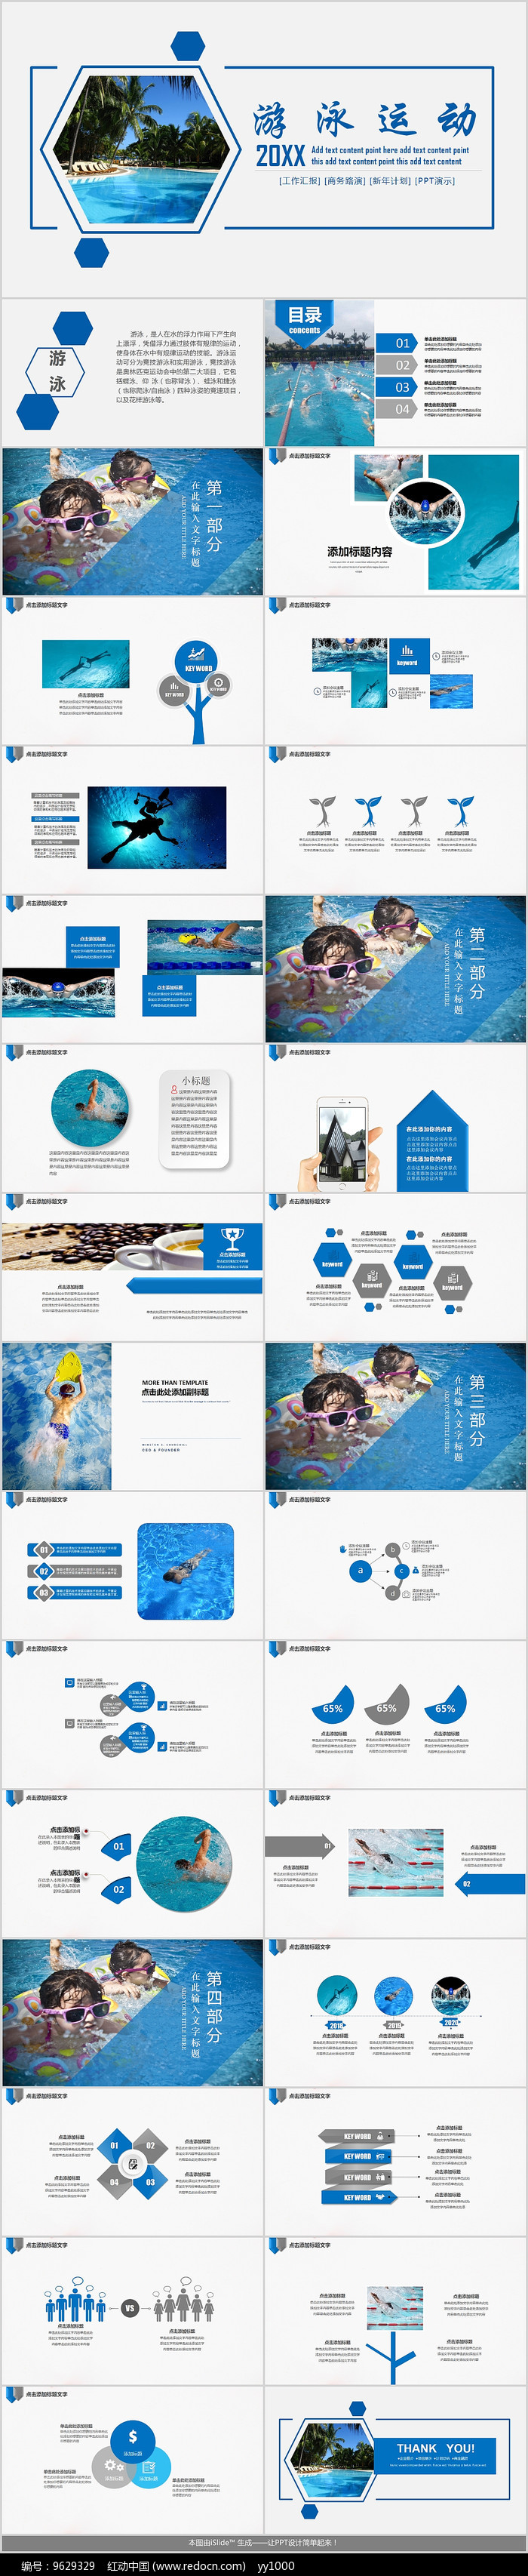 游泳运动招生培训PPT模板图片